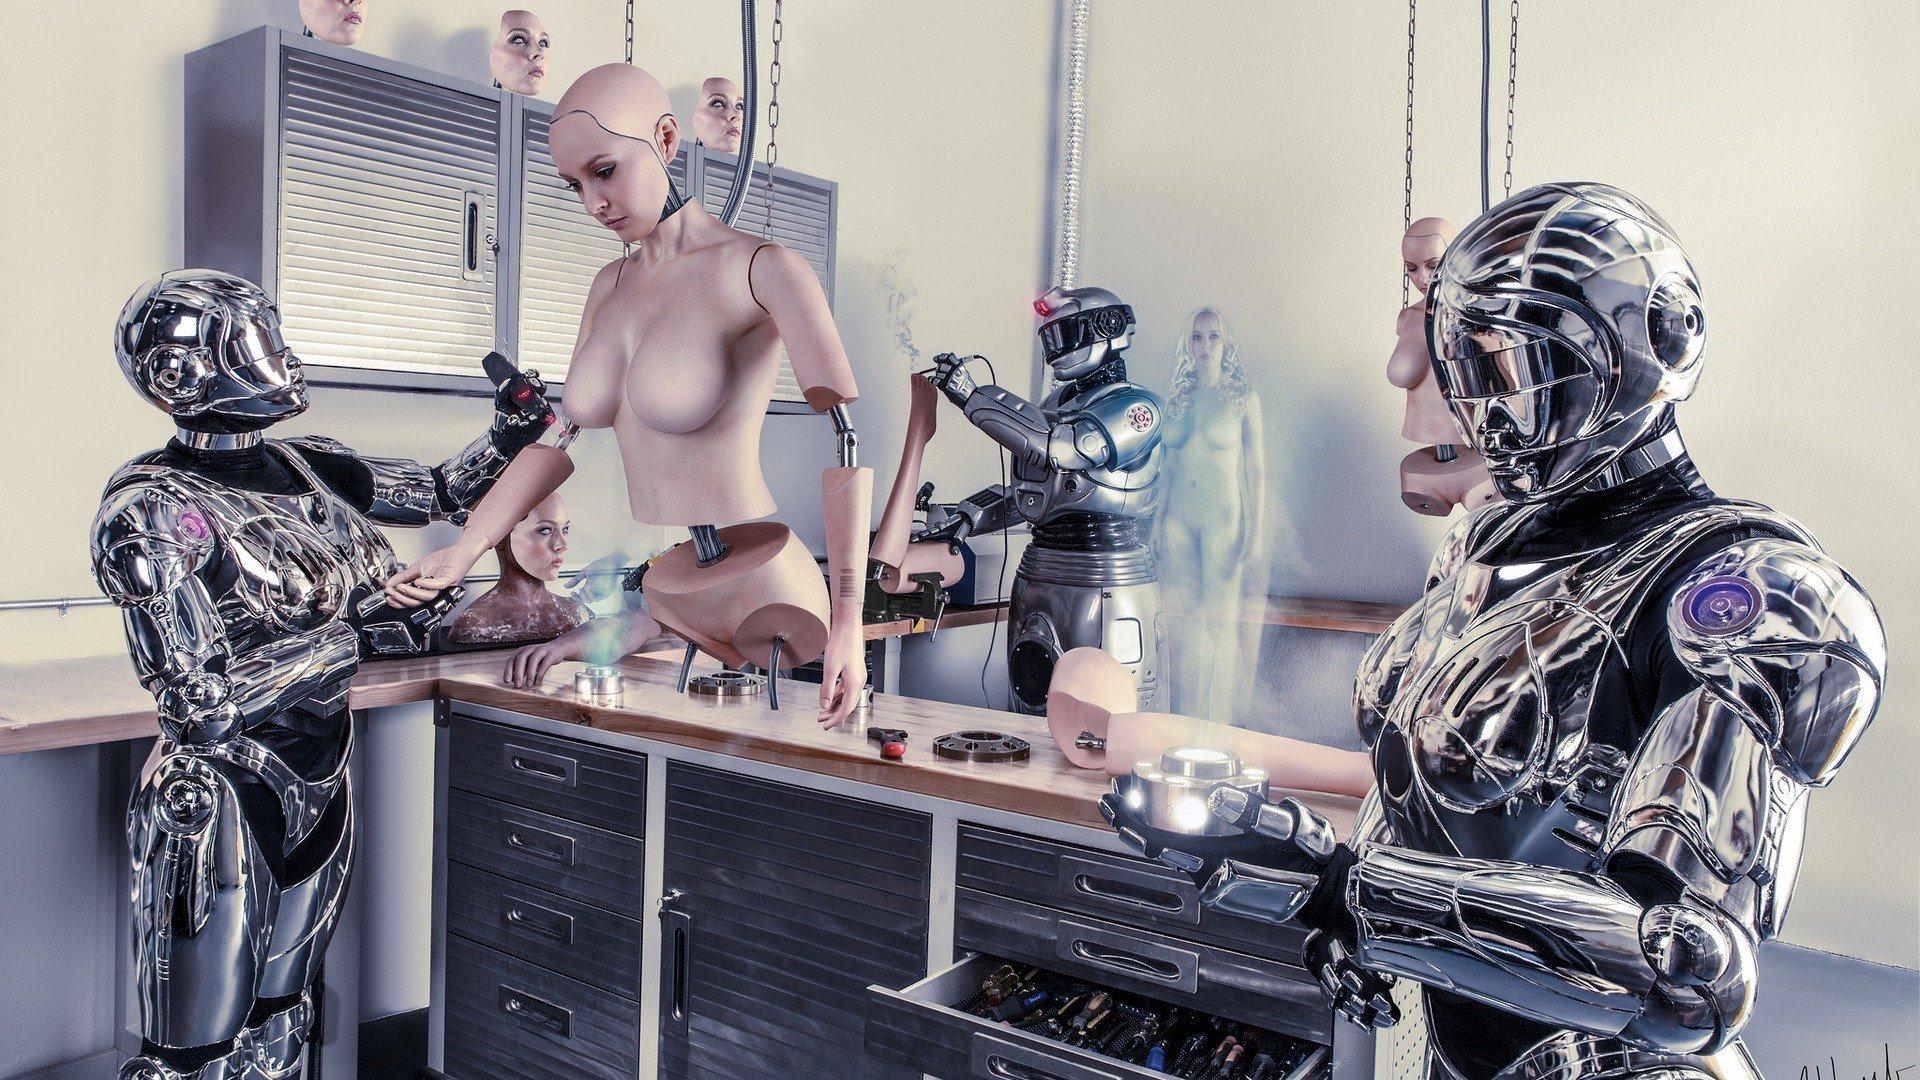 Вы согласны на секс с роботом? - Изображение 1